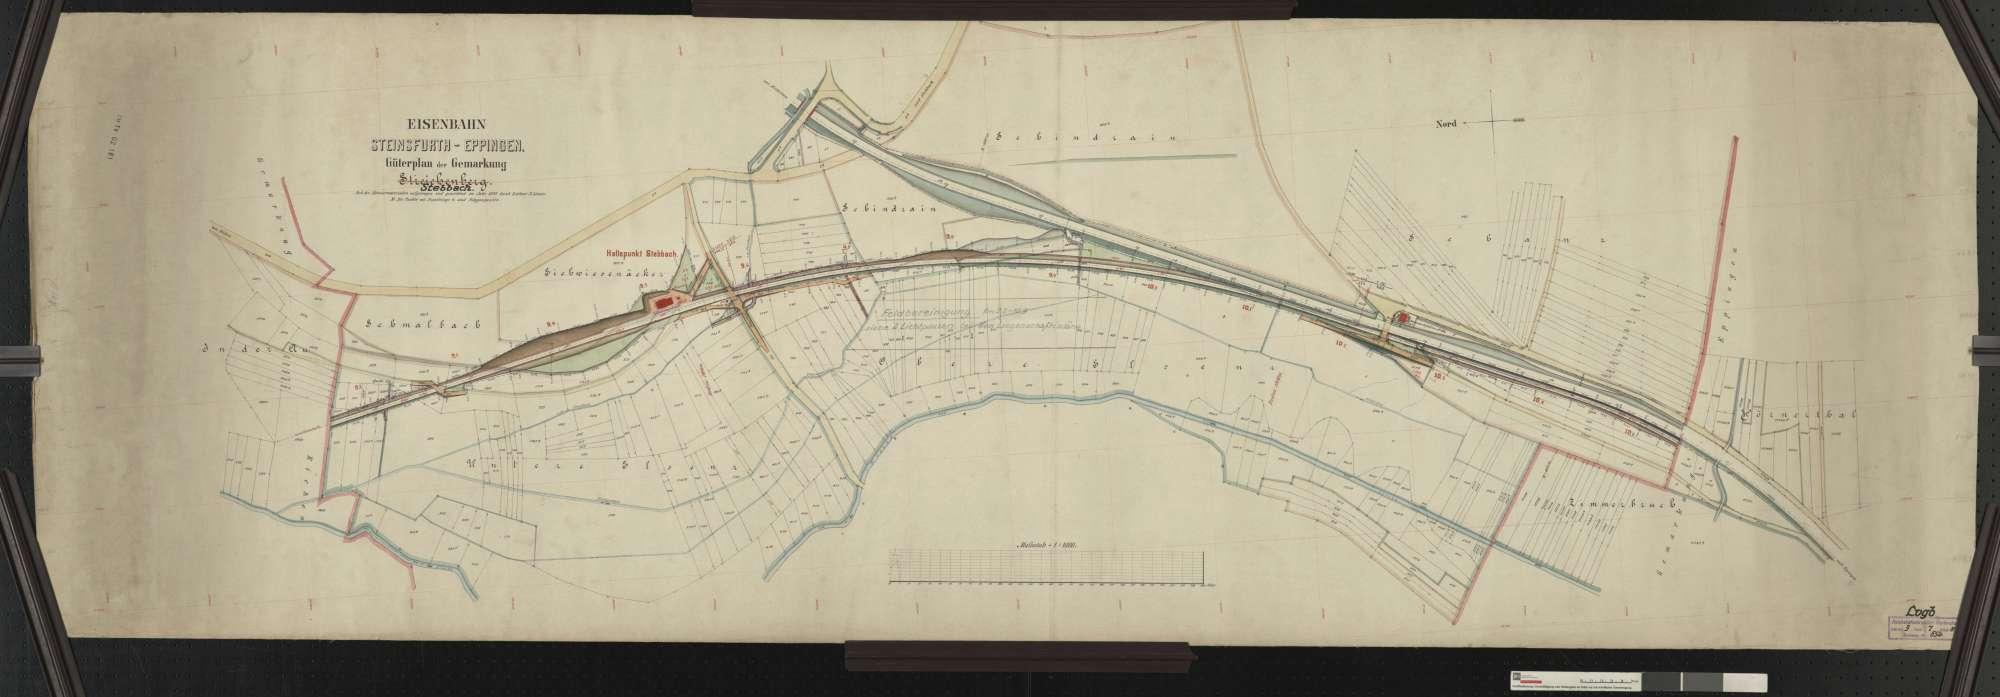 Güterplan der Bahn von Steinsfurt bis Eppingen: Gemarkung (Streichenberg) Stebbach Streckenausschnitt: 9,2 bis 10,7 km, Bild 1